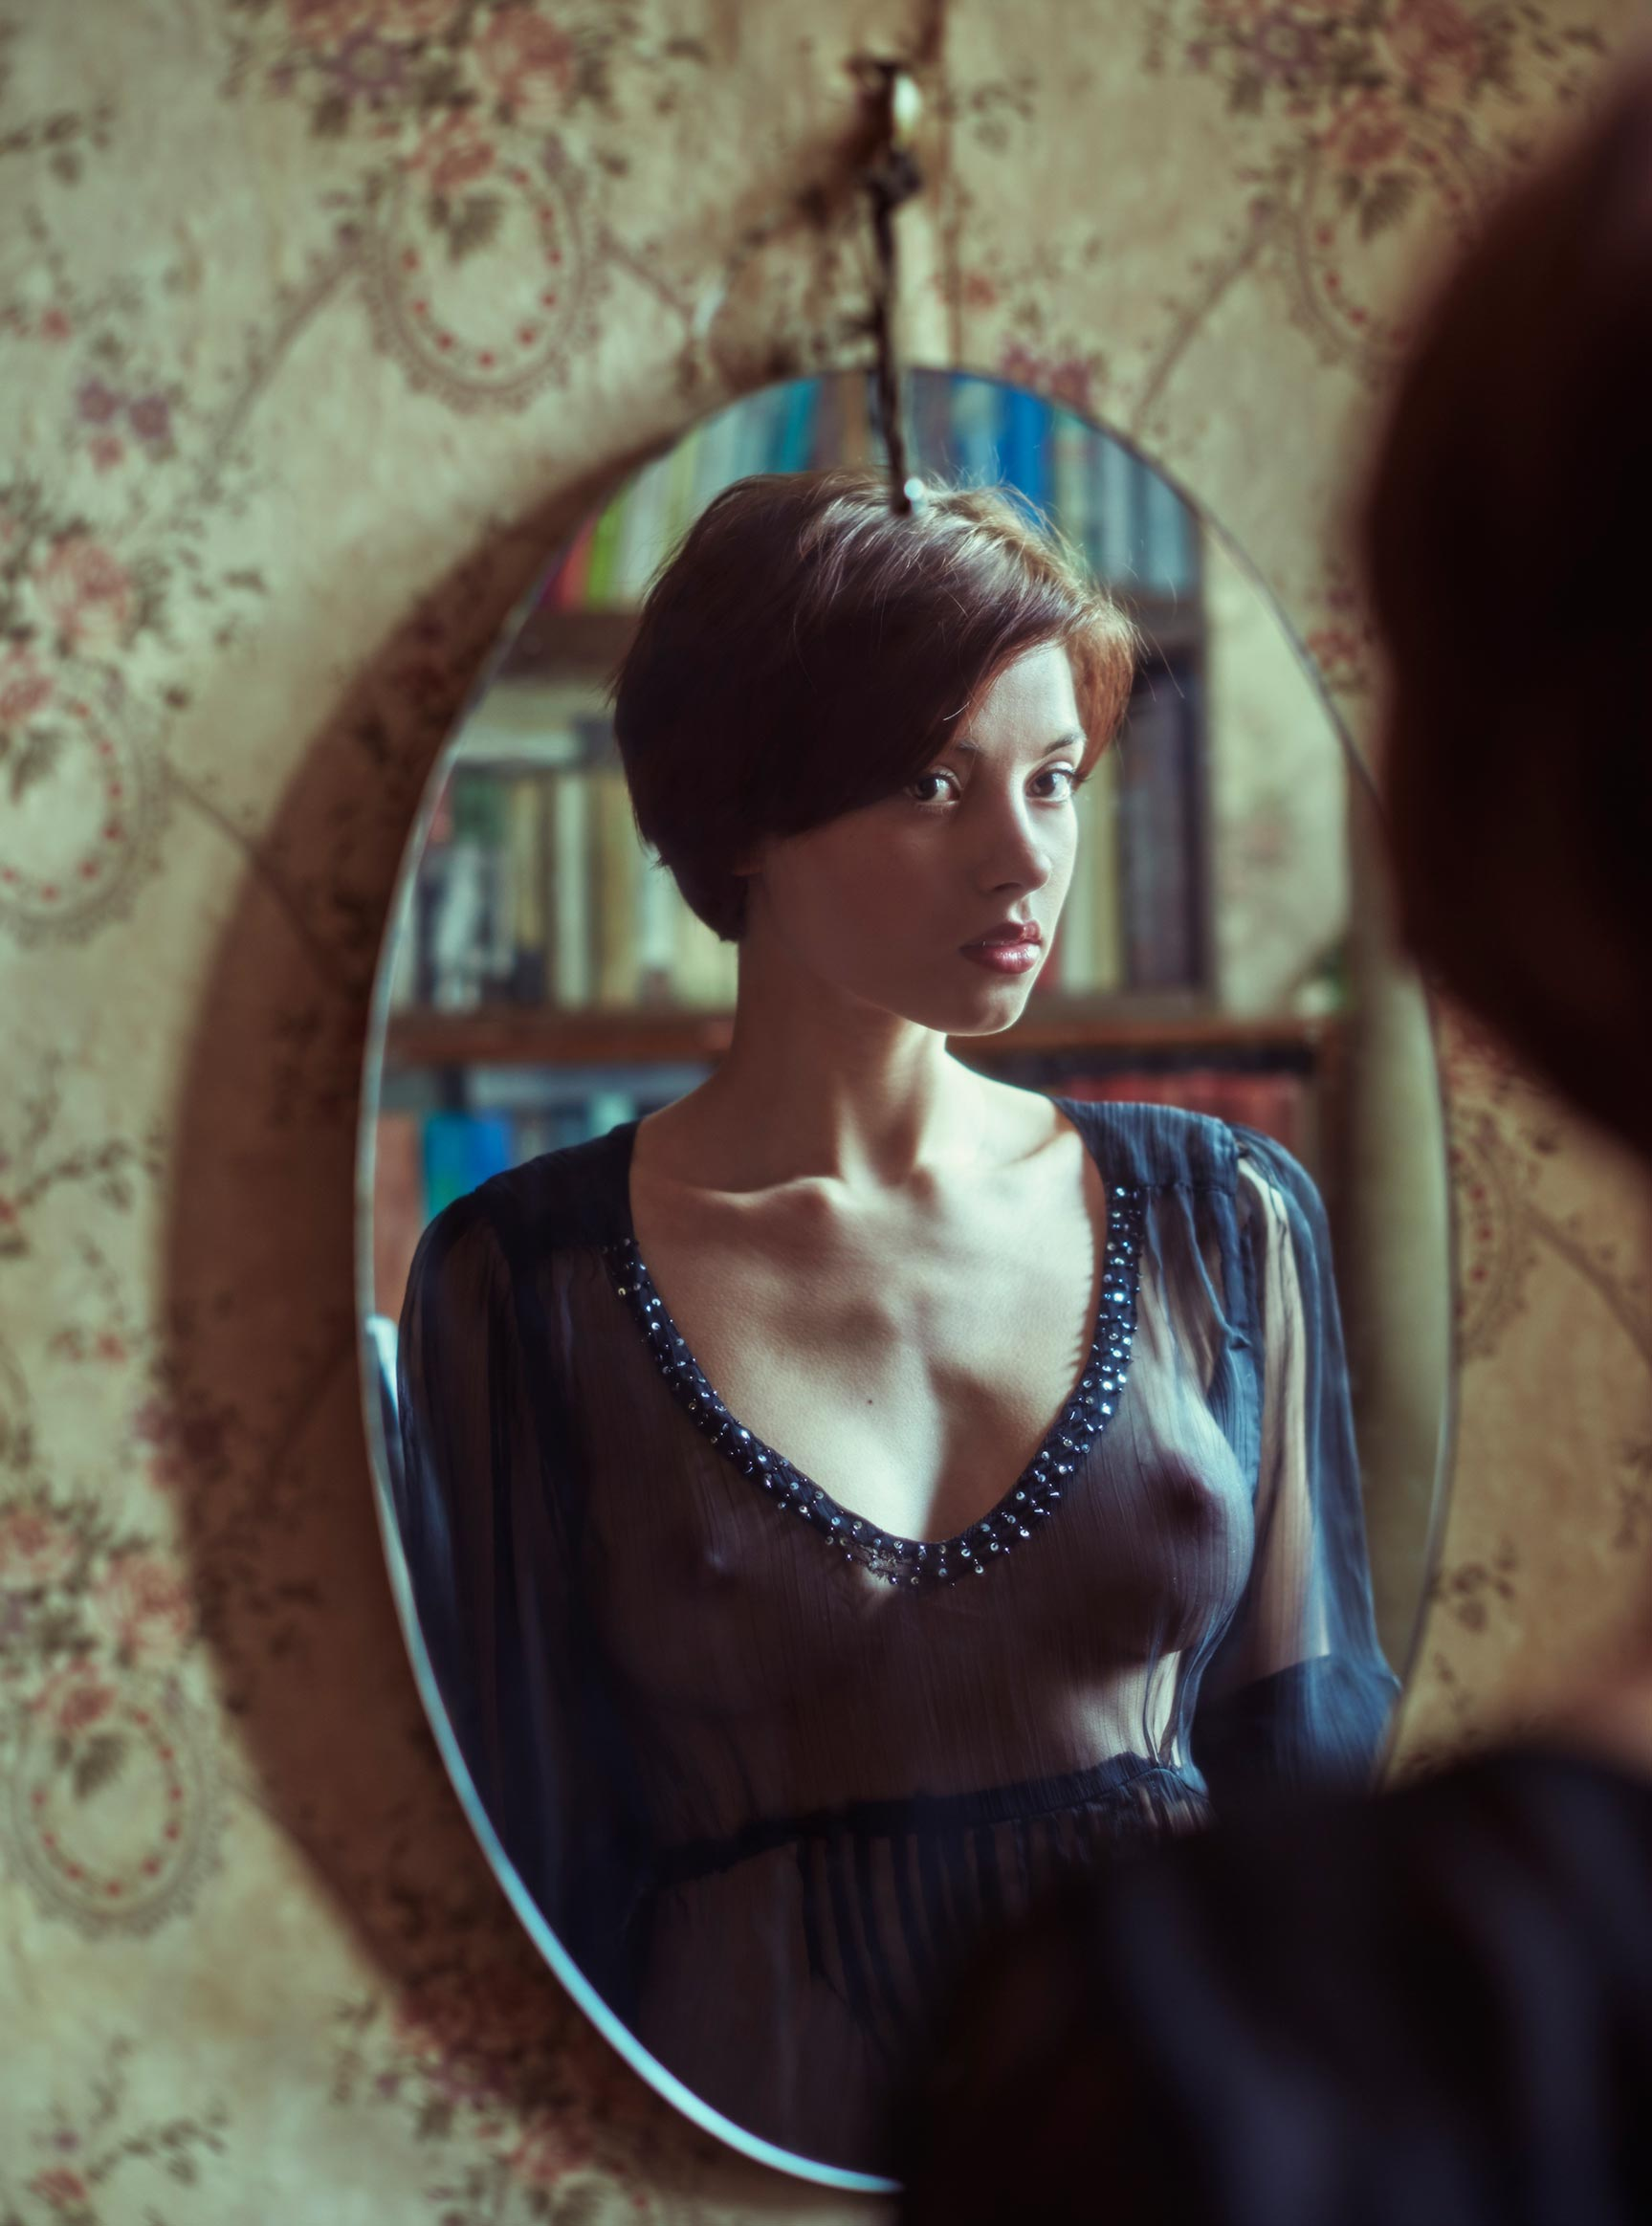 Сексуальная фотомодель Sophie la Sage в интерьерах старой советской квартиры / фото 07